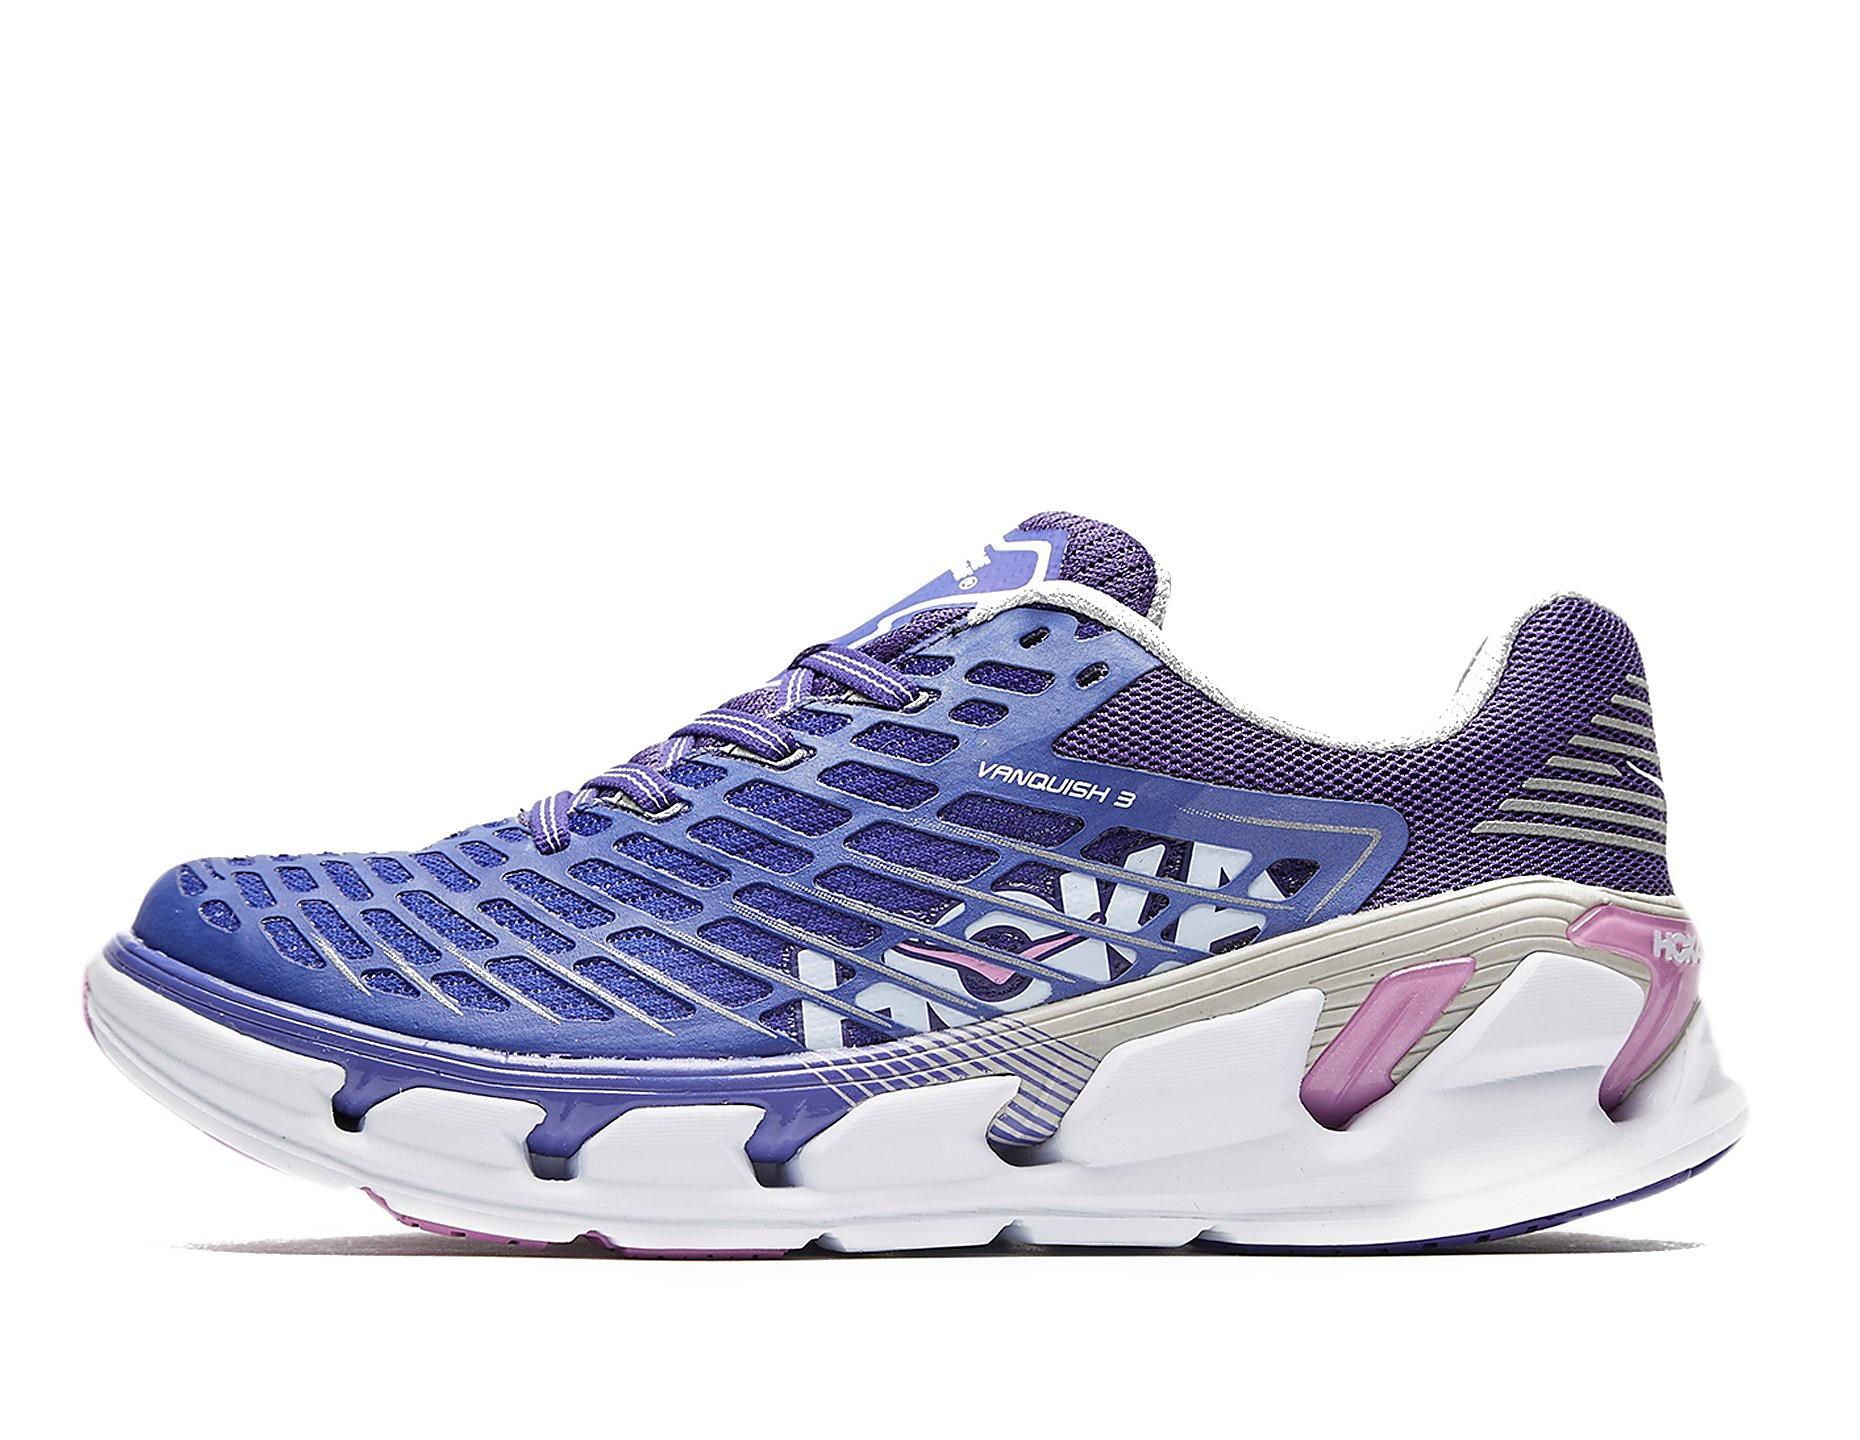 Hoka One One Vanquish 3 Running Shoes Women's